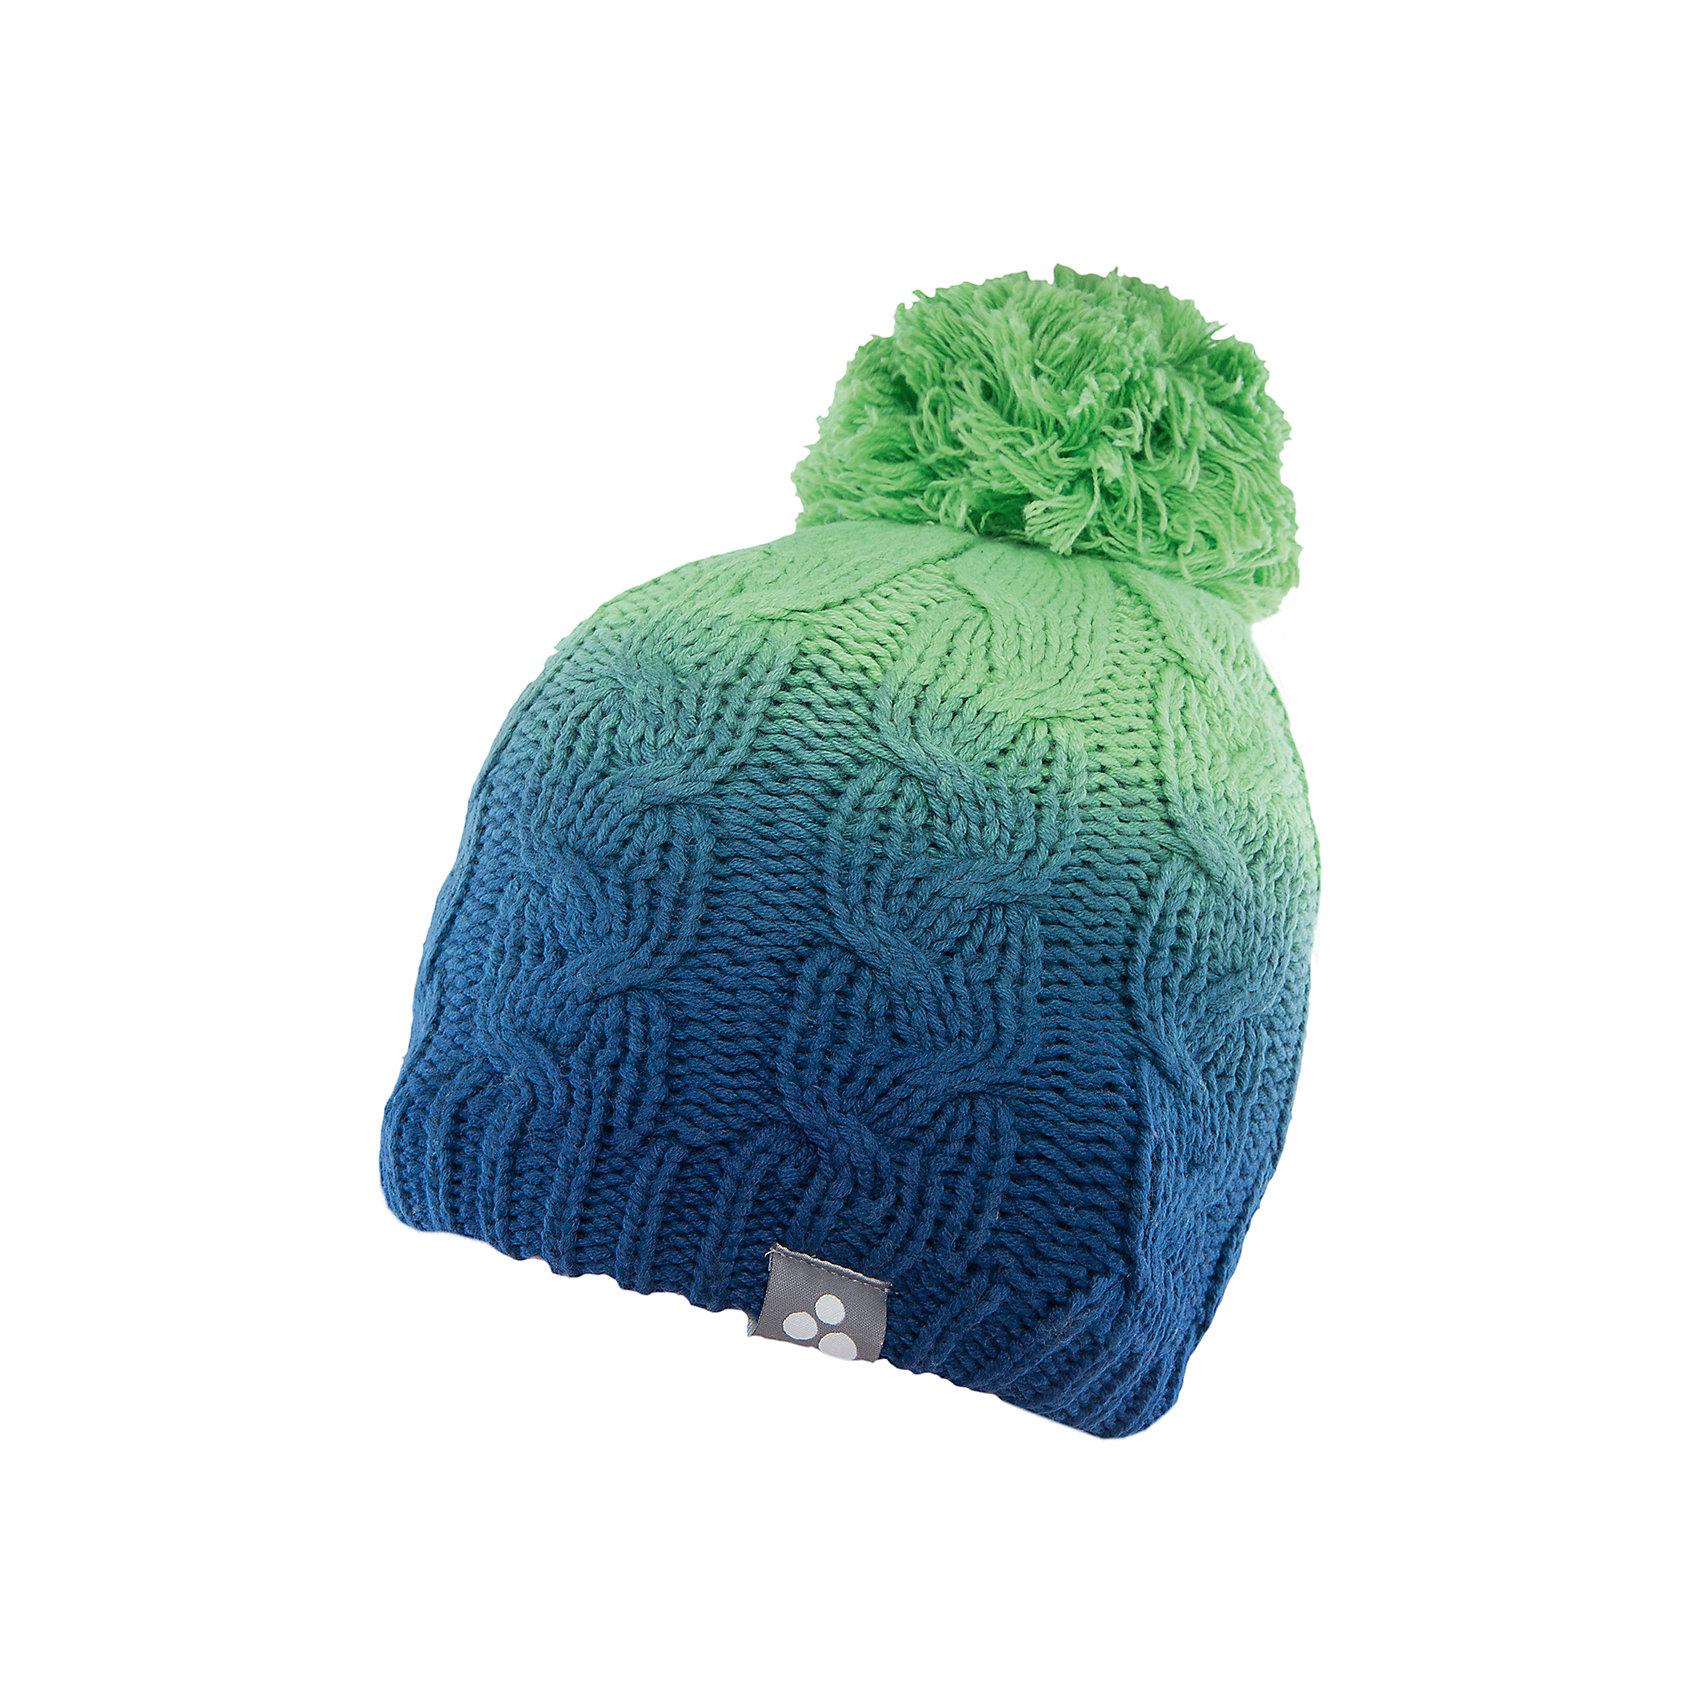 Шапка  HuppaГоловные уборы<br>Вязаная шапка LUCCA Huppa(Хуппа) изготовлена из качественных материалов и обеспечит вашему ребенку тепло и комфорт. Шапка украшена помпоном, вязаными косичками и интересным рисунком с эффектом градиента. Шапка плотно прилегает к голове благодаря резинке по краю.<br><br>Дополнительная информация:<br>Материал: 45% акрил, 55% хлопок<br>Цвет: зеленый/темно-синий<br><br>Вы можете приобрести шапку LUCCA Huppa(Хуппа) в нашем интернет-магазине.<br><br>Ширина мм: 89<br>Глубина мм: 117<br>Высота мм: 44<br>Вес г: 155<br>Цвет: зеленый<br>Возраст от месяцев: 132<br>Возраст до месяцев: 144<br>Пол: Унисекс<br>Возраст: Детский<br>Размер: 57,55-57,51-53<br>SKU: 4928950